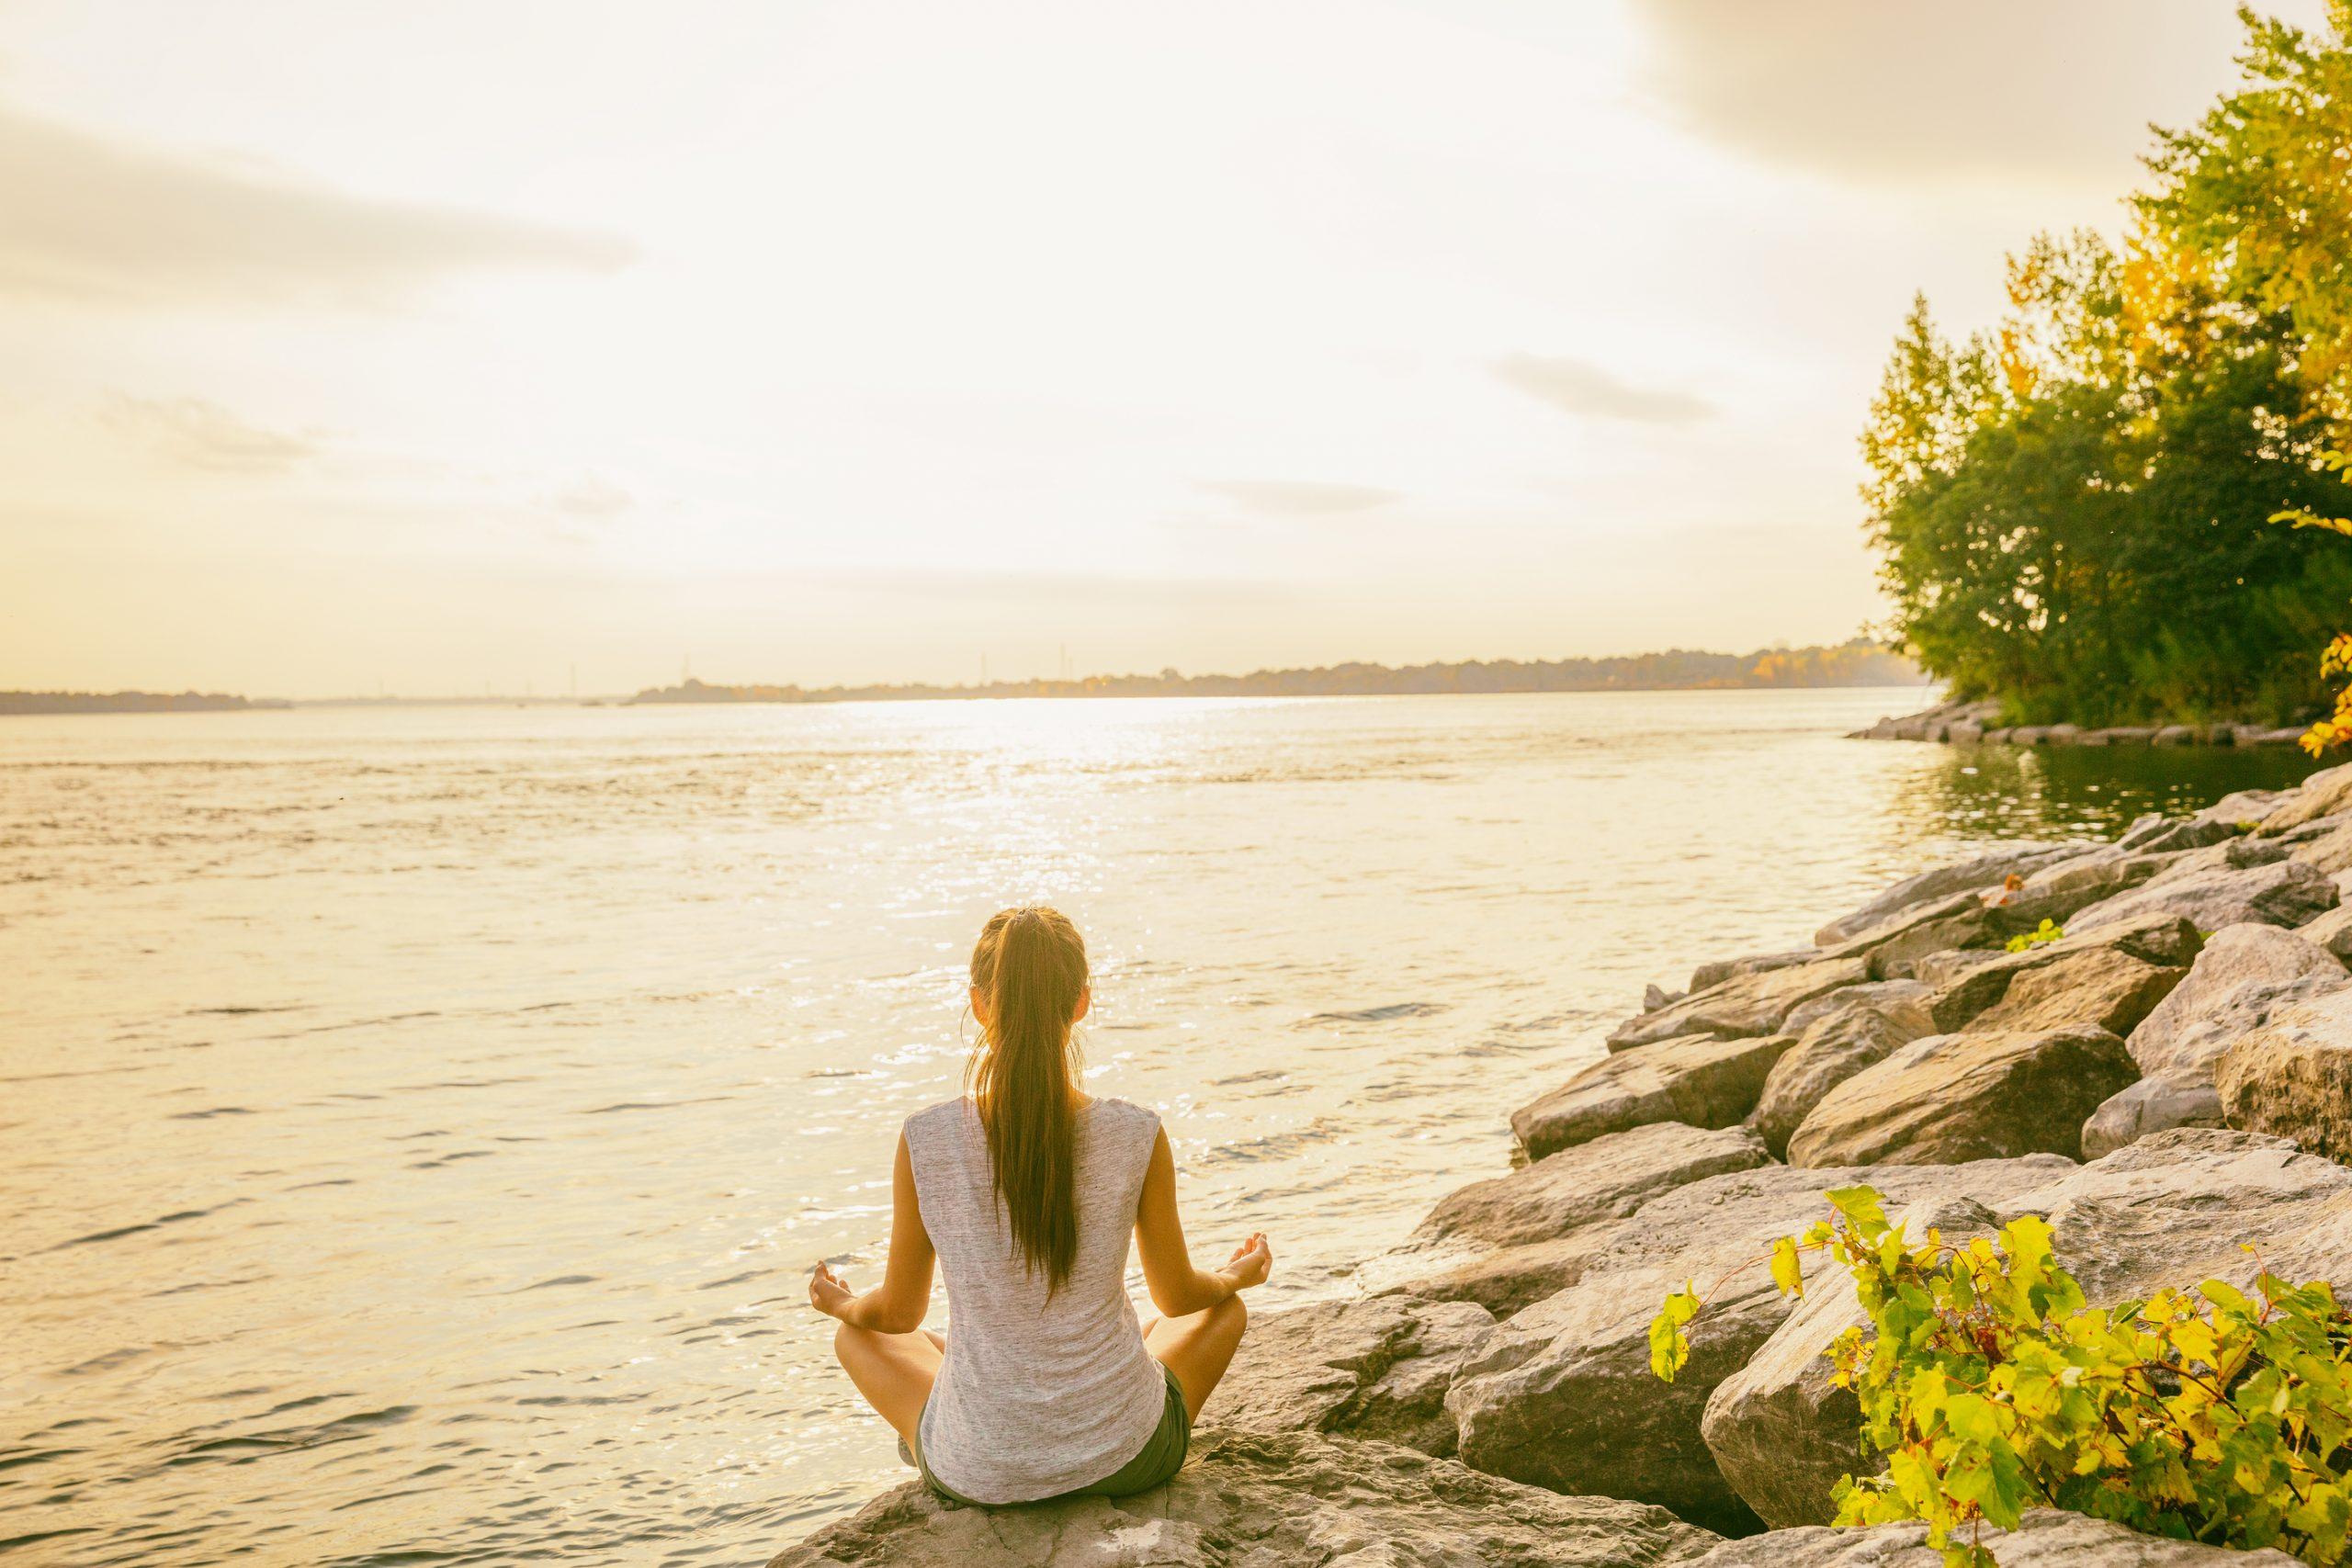 Woman meditating at the edge of a lake